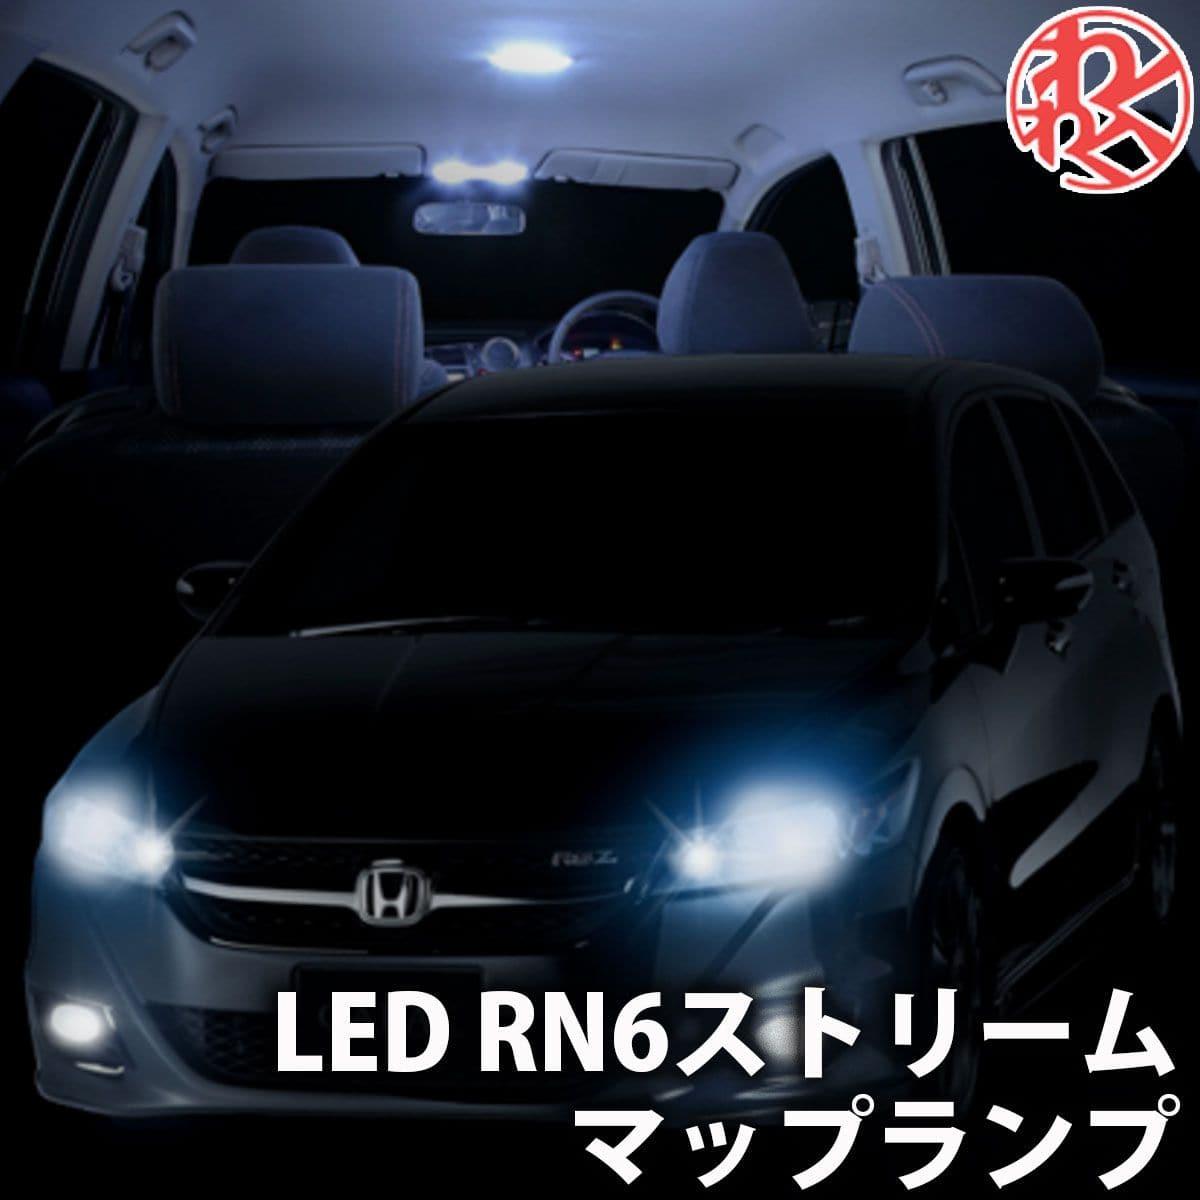 アウトレット品 毎週更新 K-SPEC おしゃれ GARAX ギャラクス ストリーム RN6系 マップランプ LED